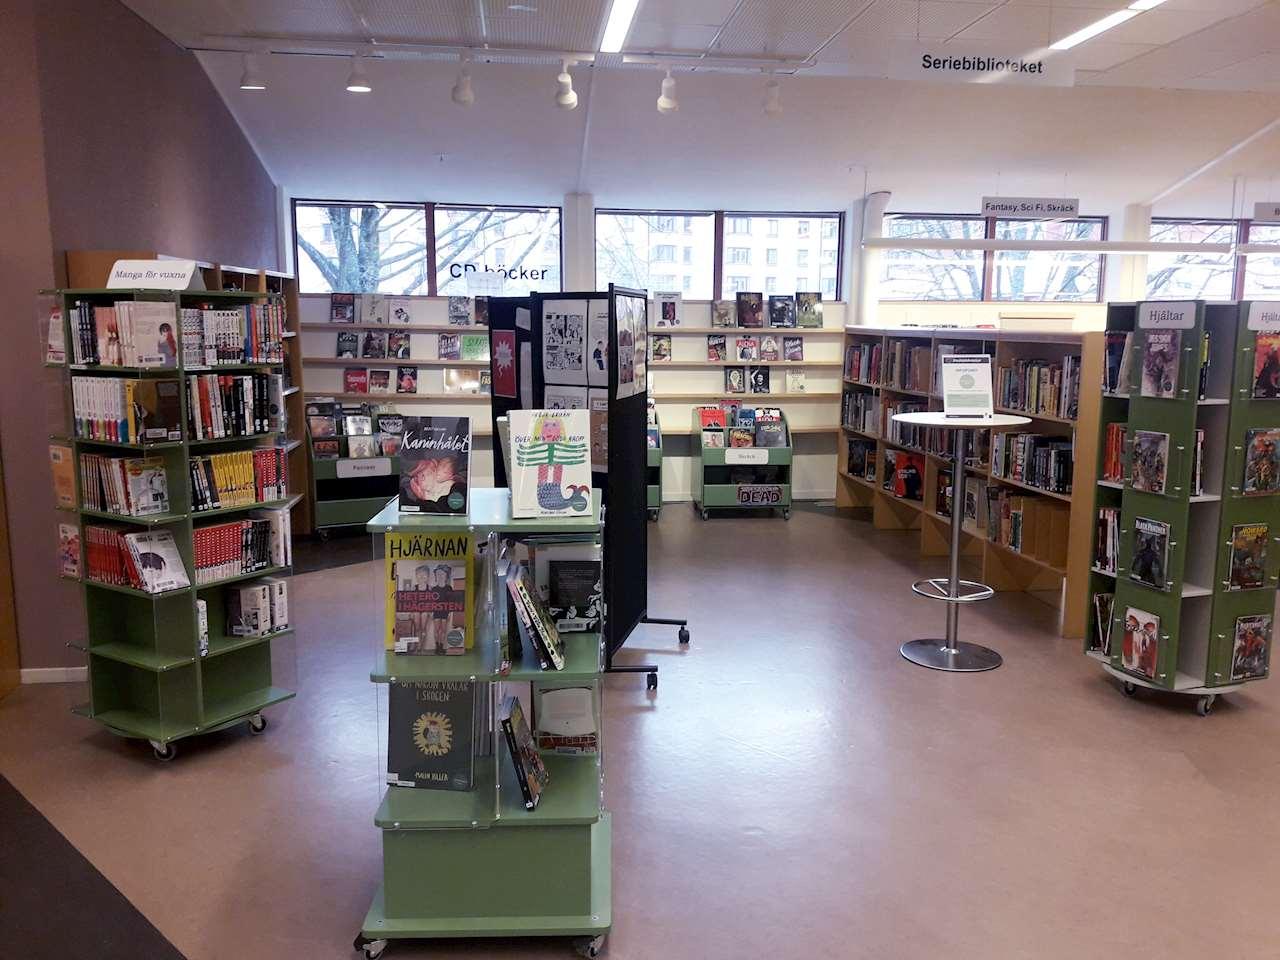 Här ser vi en tagen bild av personal på hur Seriebiblioteket ser ut.